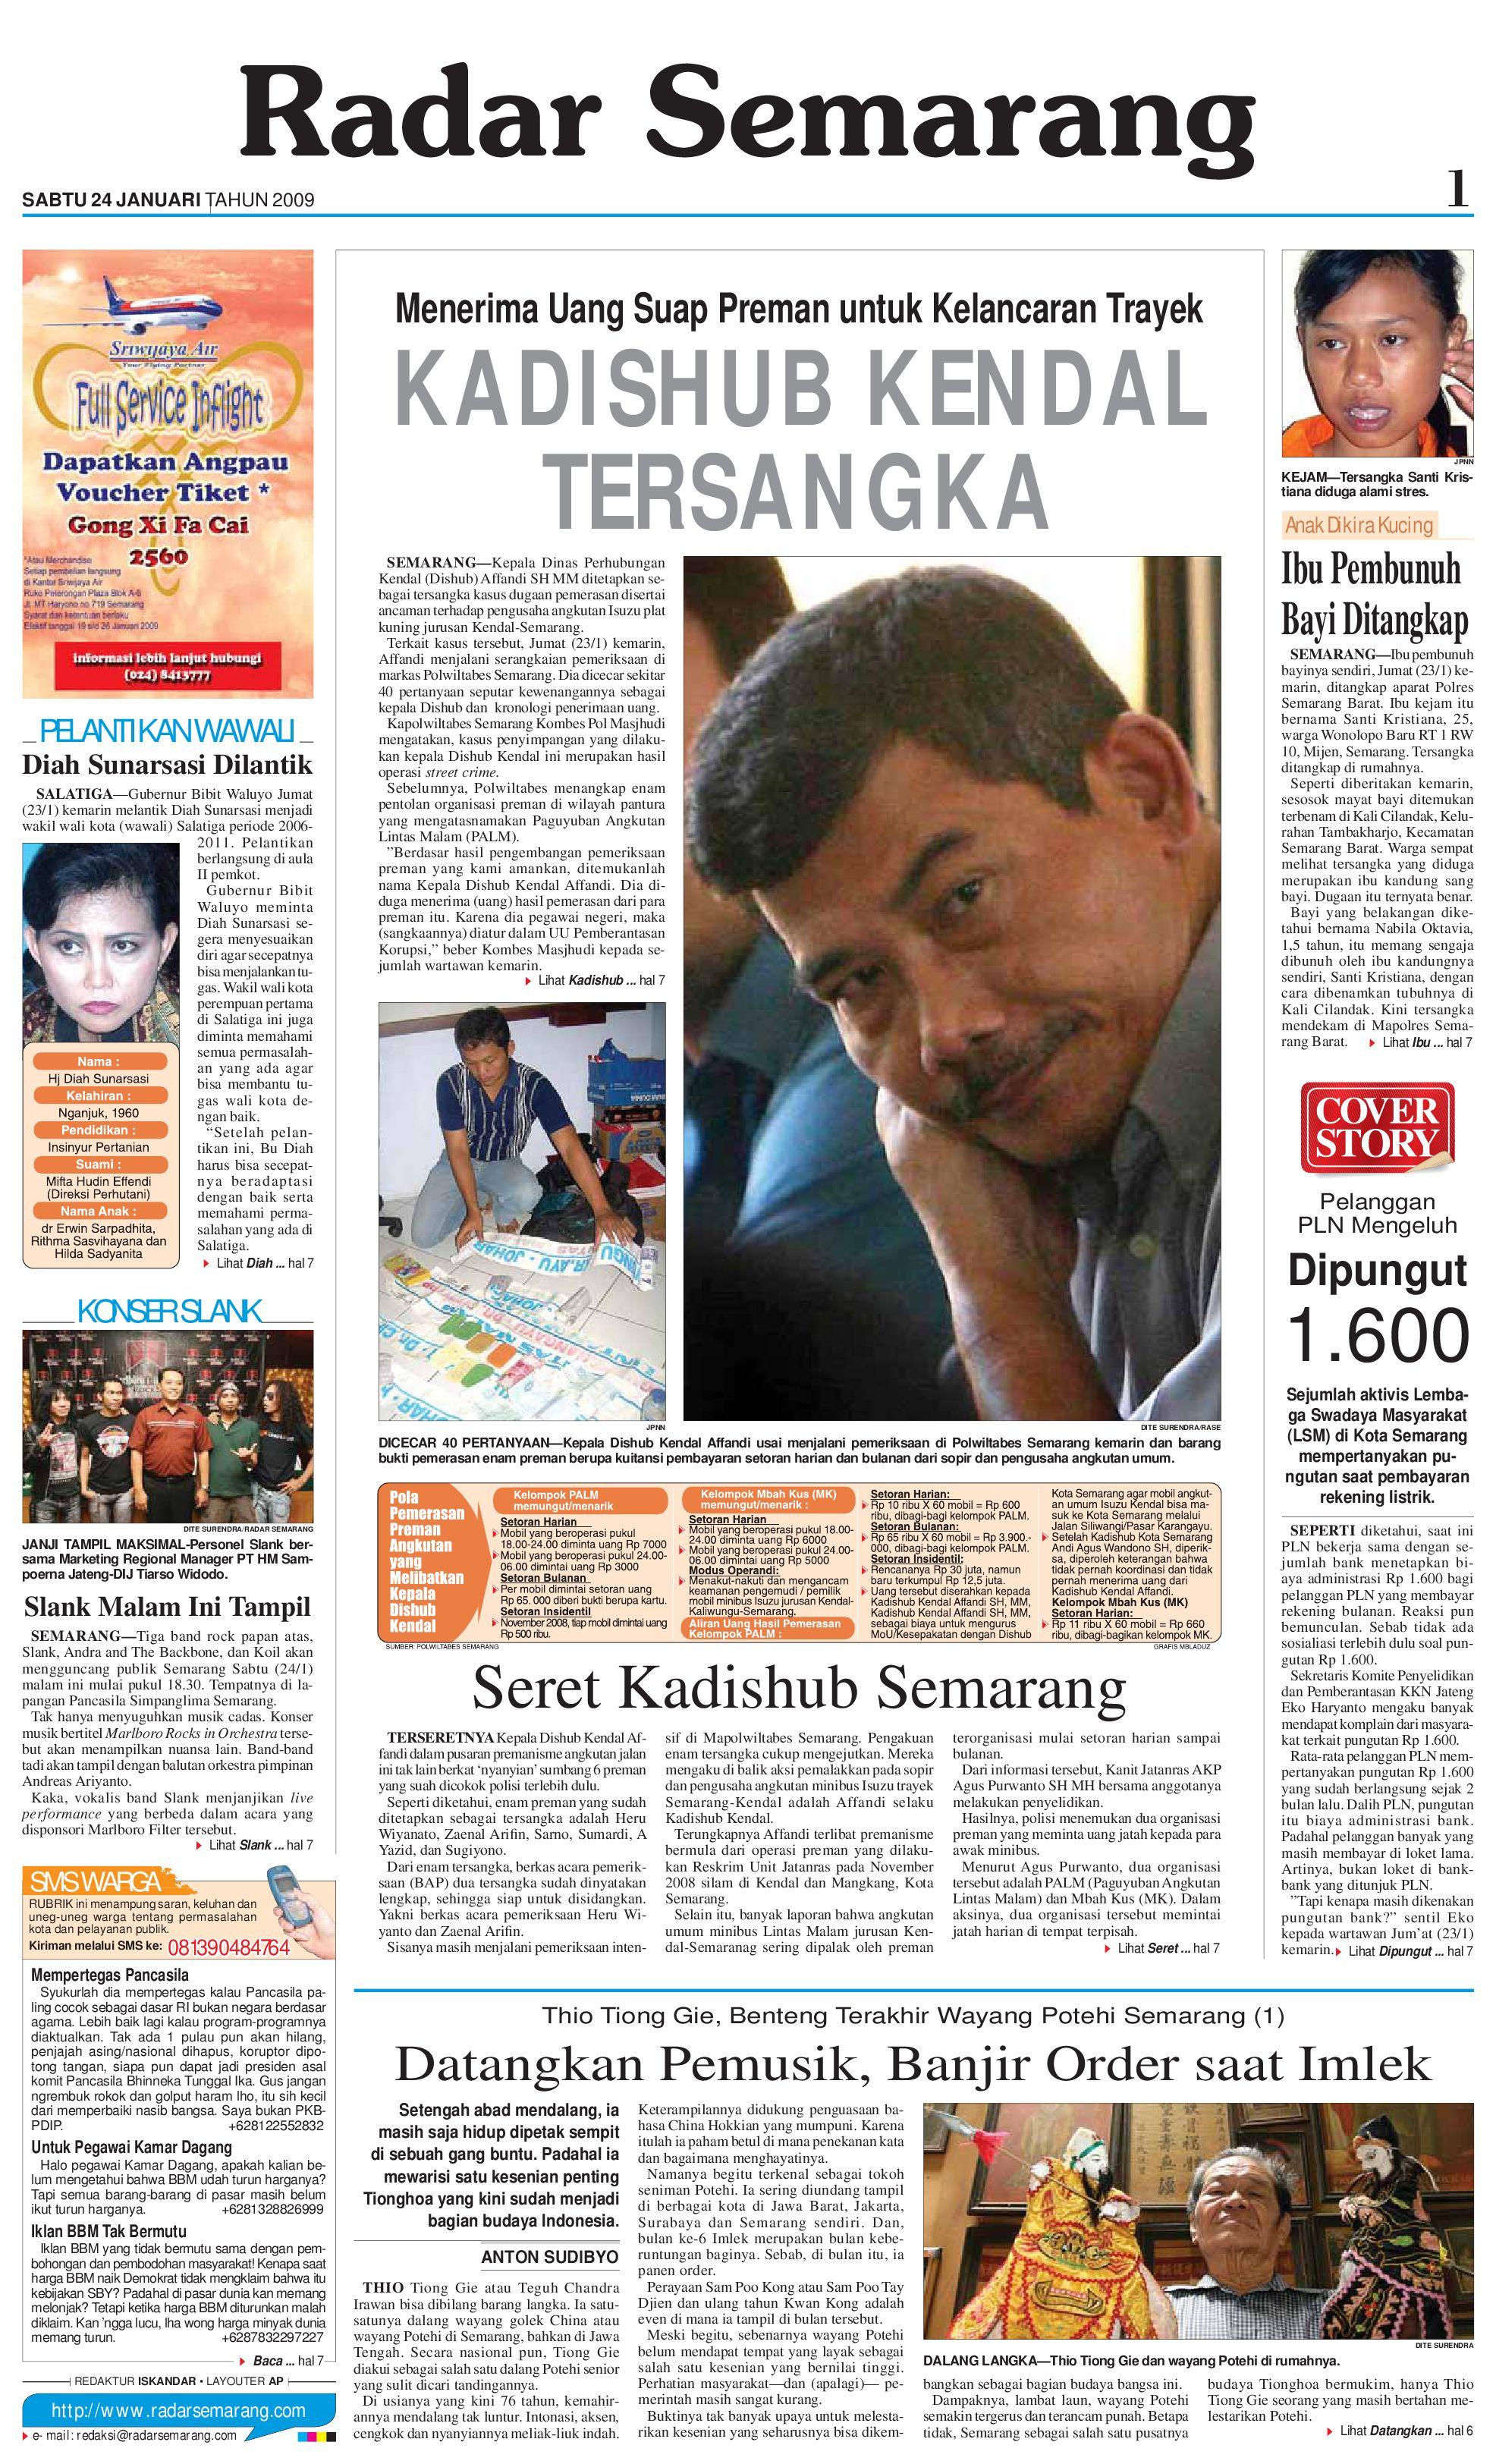 Radar Semarang 24 Januari 2009 By Rs Issuu Voucher Sdc Pecahan 50000